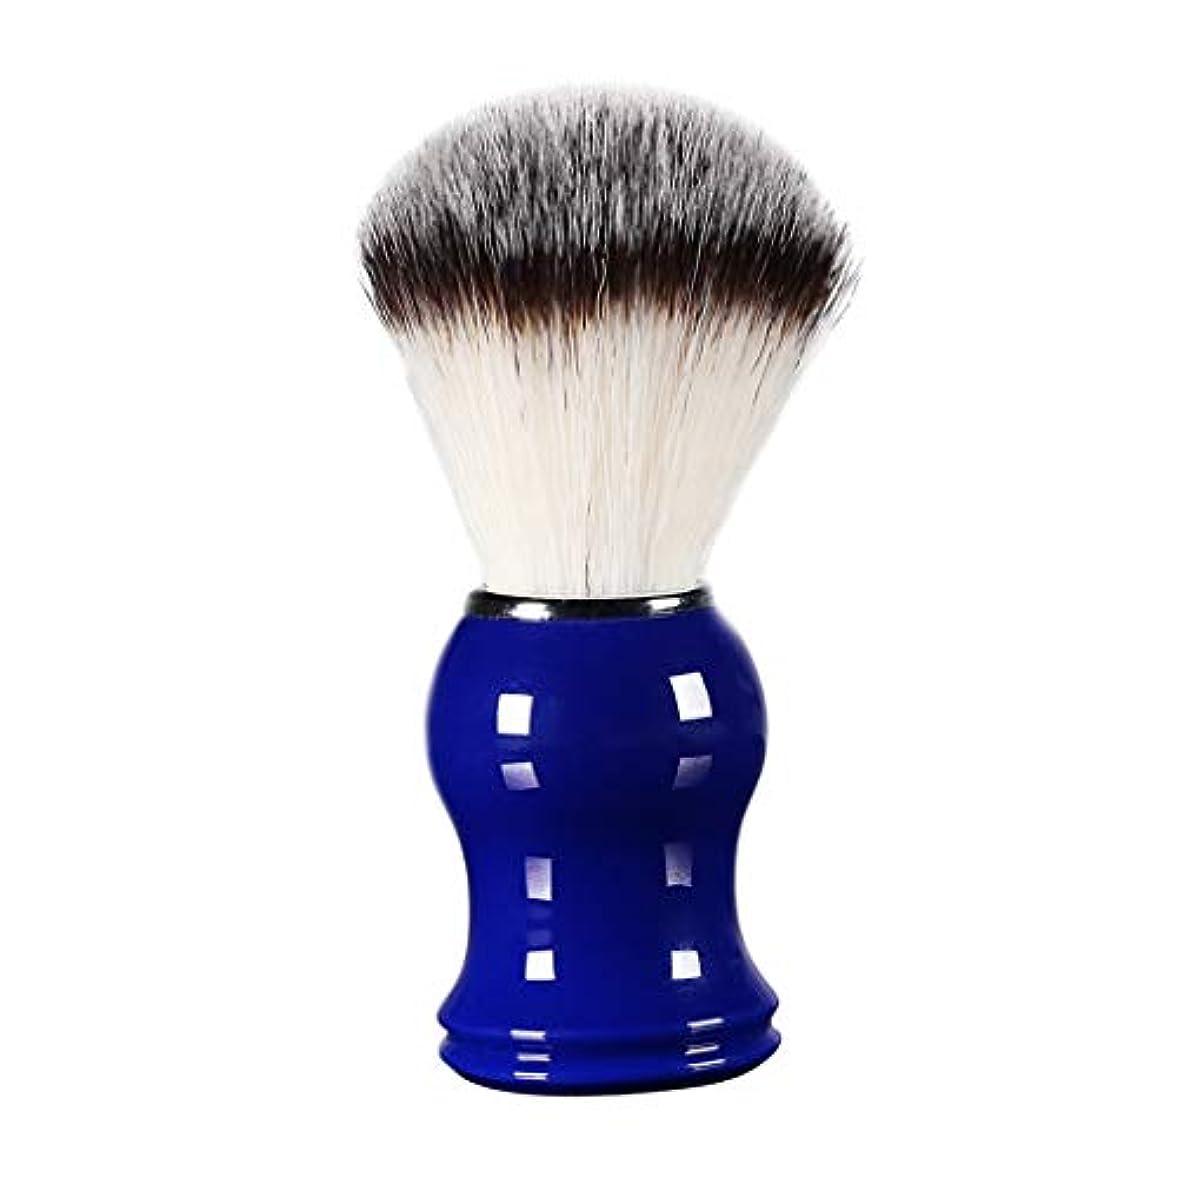 アブストラクトプレーヤー飢床屋 サロン 髭剃り シェービングブラシ メンズ 泡立ち 洗顔 理容 約11cm